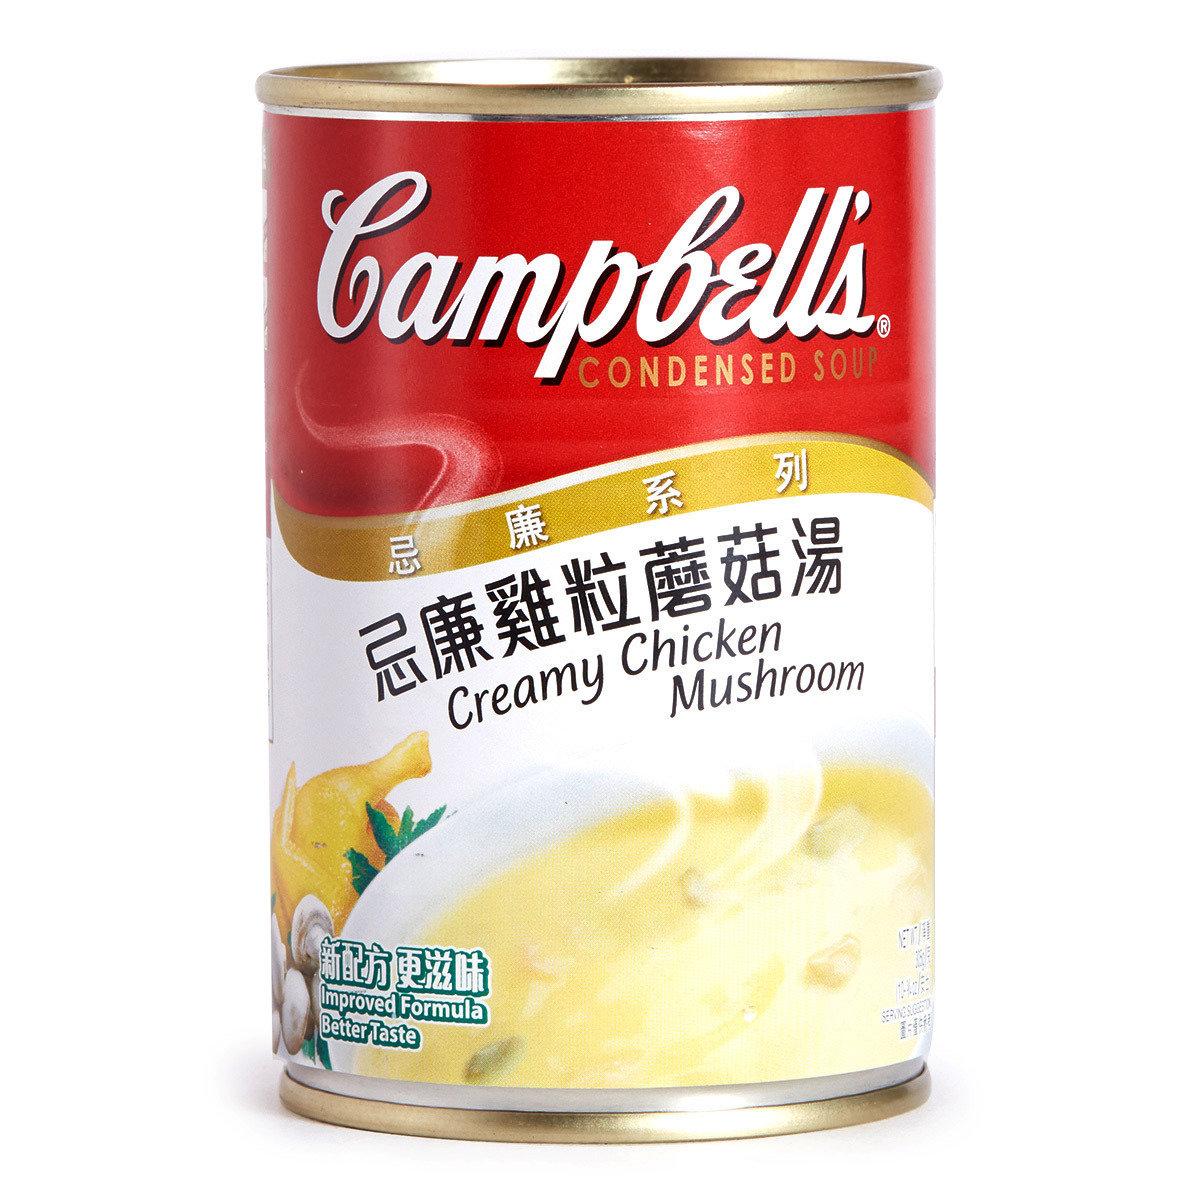 忌廉雞粒蘑菇湯